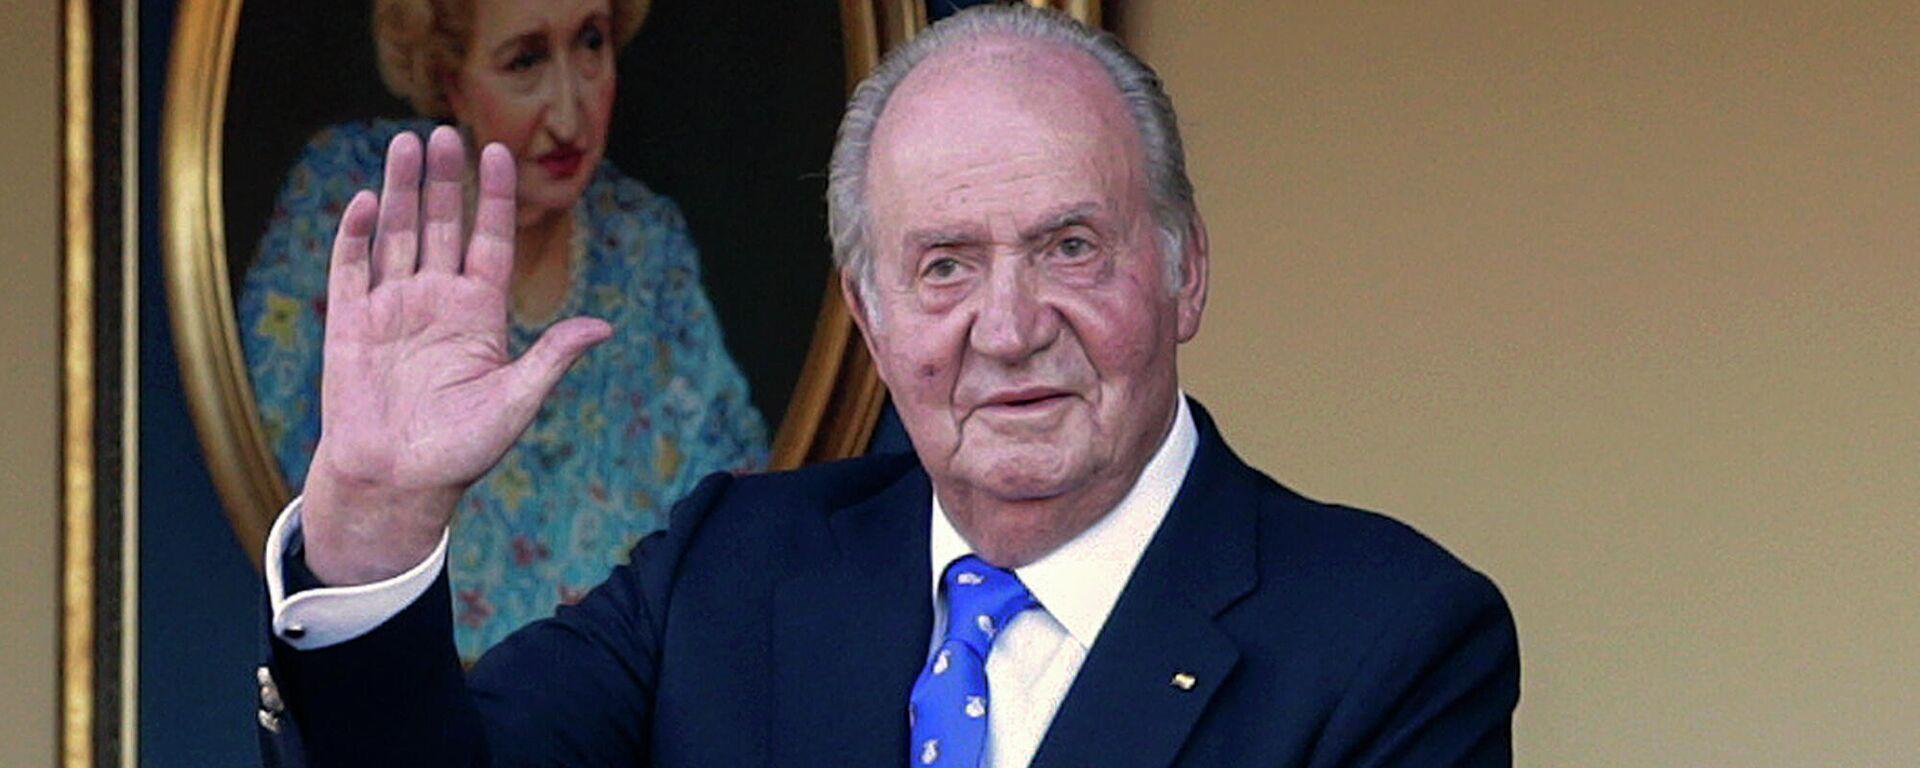 En esta fotografía de archivo del domingo 2 de junio de 2019, el rey emérito de España, Juan Carlos I, saluda durante una corrida de toros en la plaza de toros de Aranjuez, Madrid, España. - Sputnik Mundo, 1920, 12.05.2021